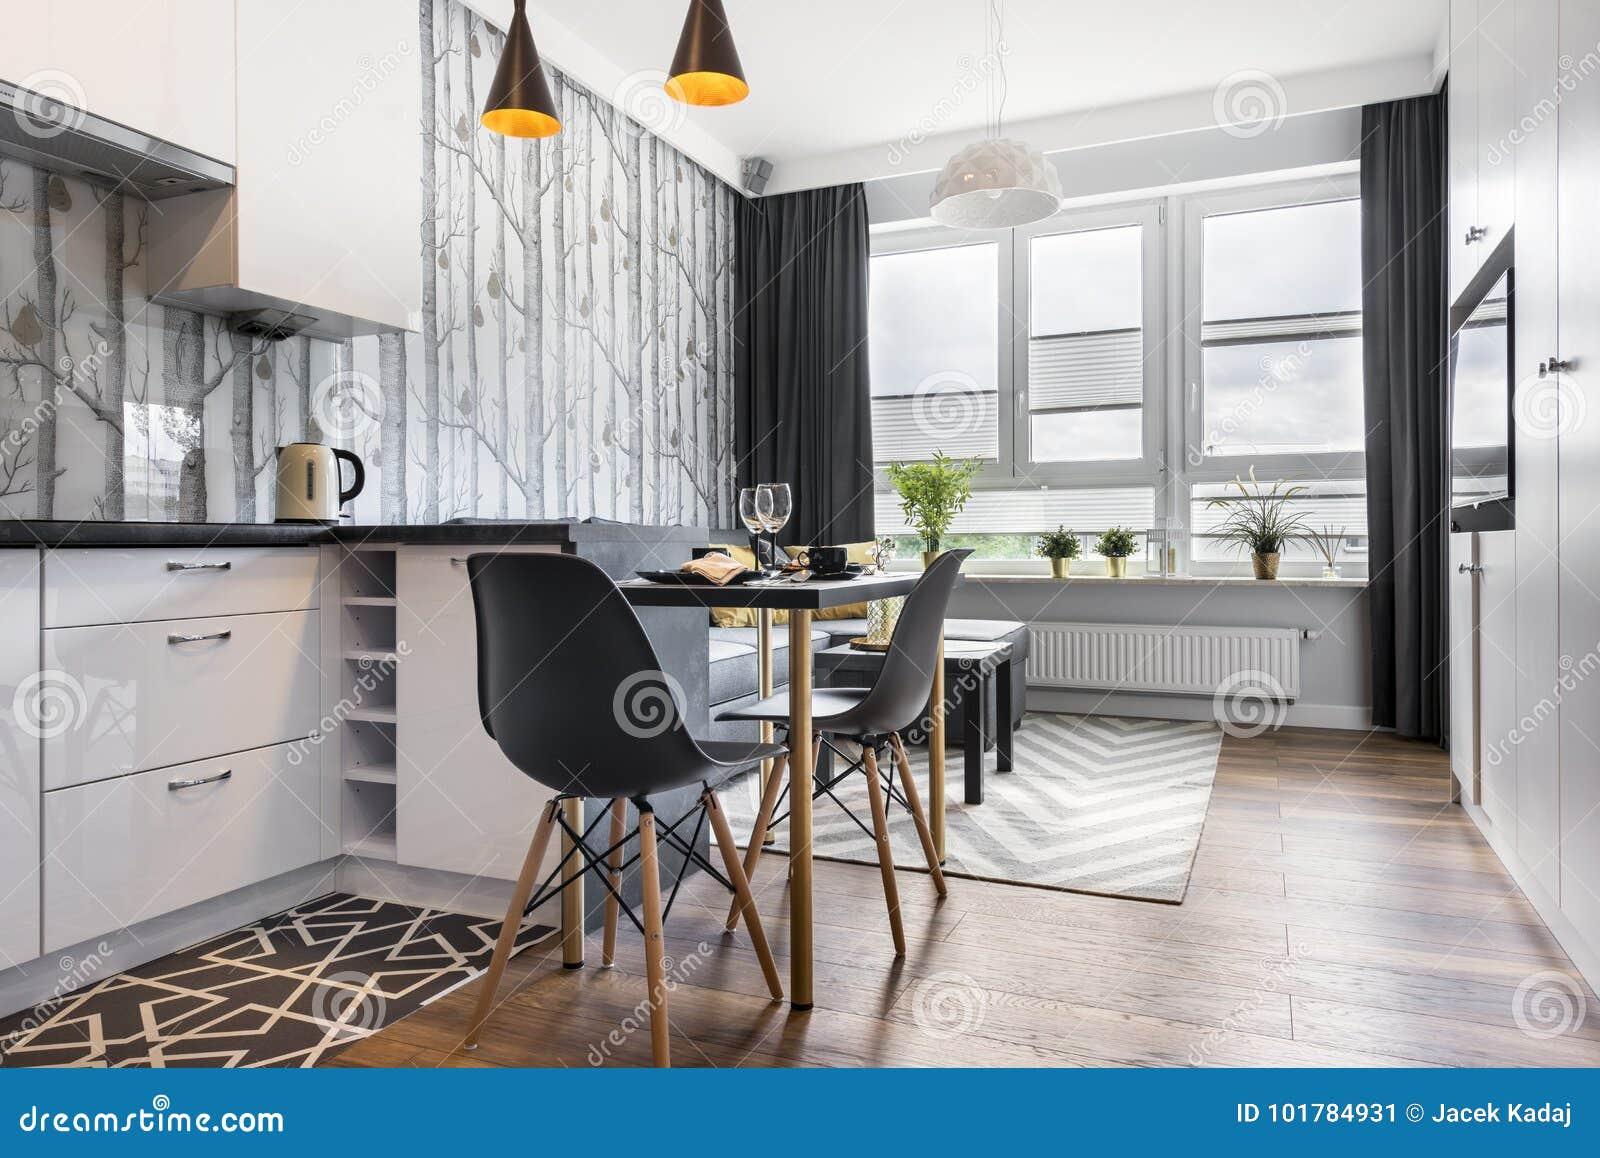 Met Keuken Kleine : Moderne kleine ruimte met keuken stock afbeelding afbeelding